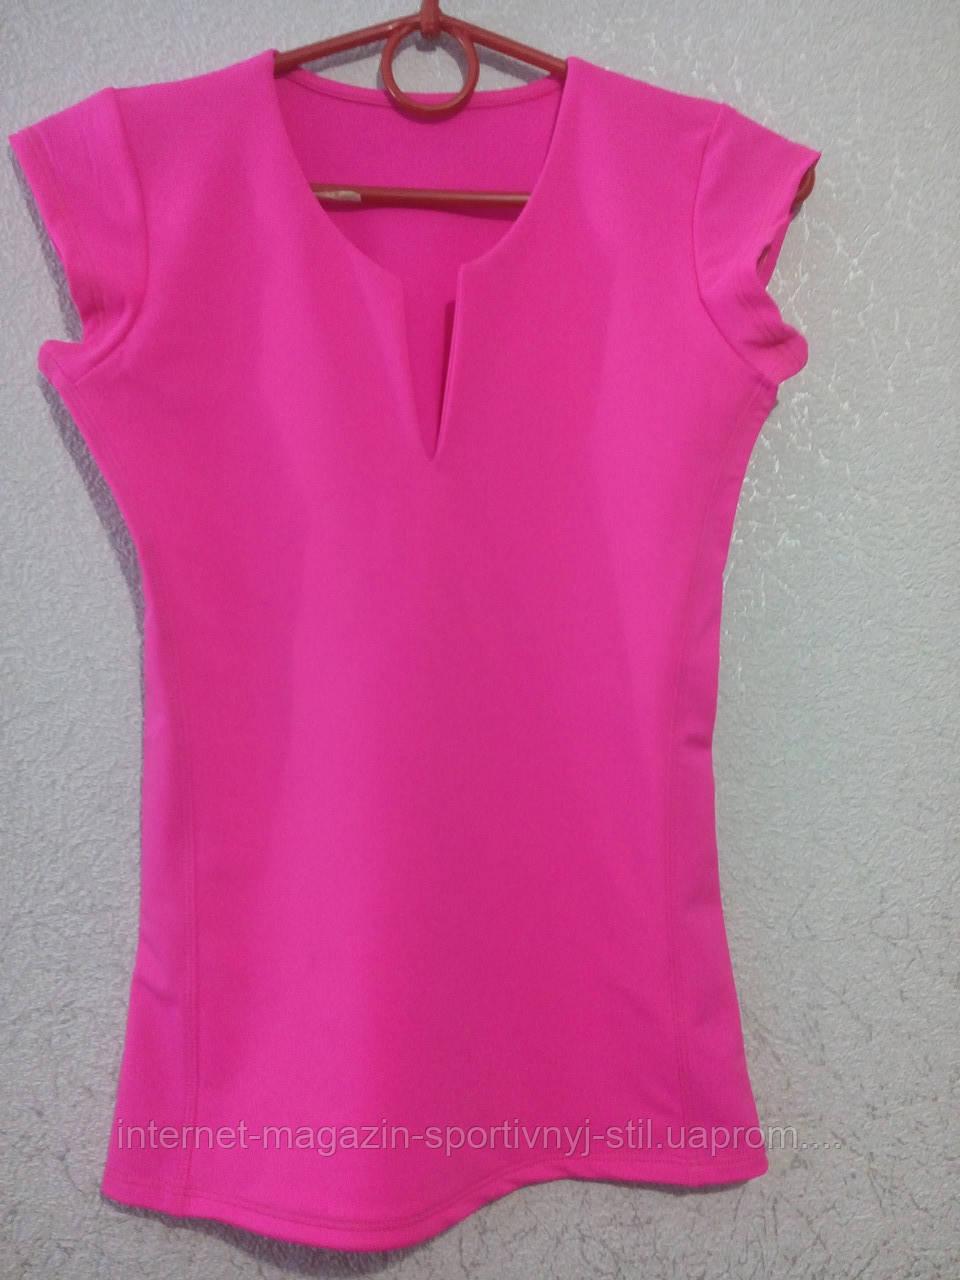 Футболка спортивная бифлекс с вырезом на груди розовая